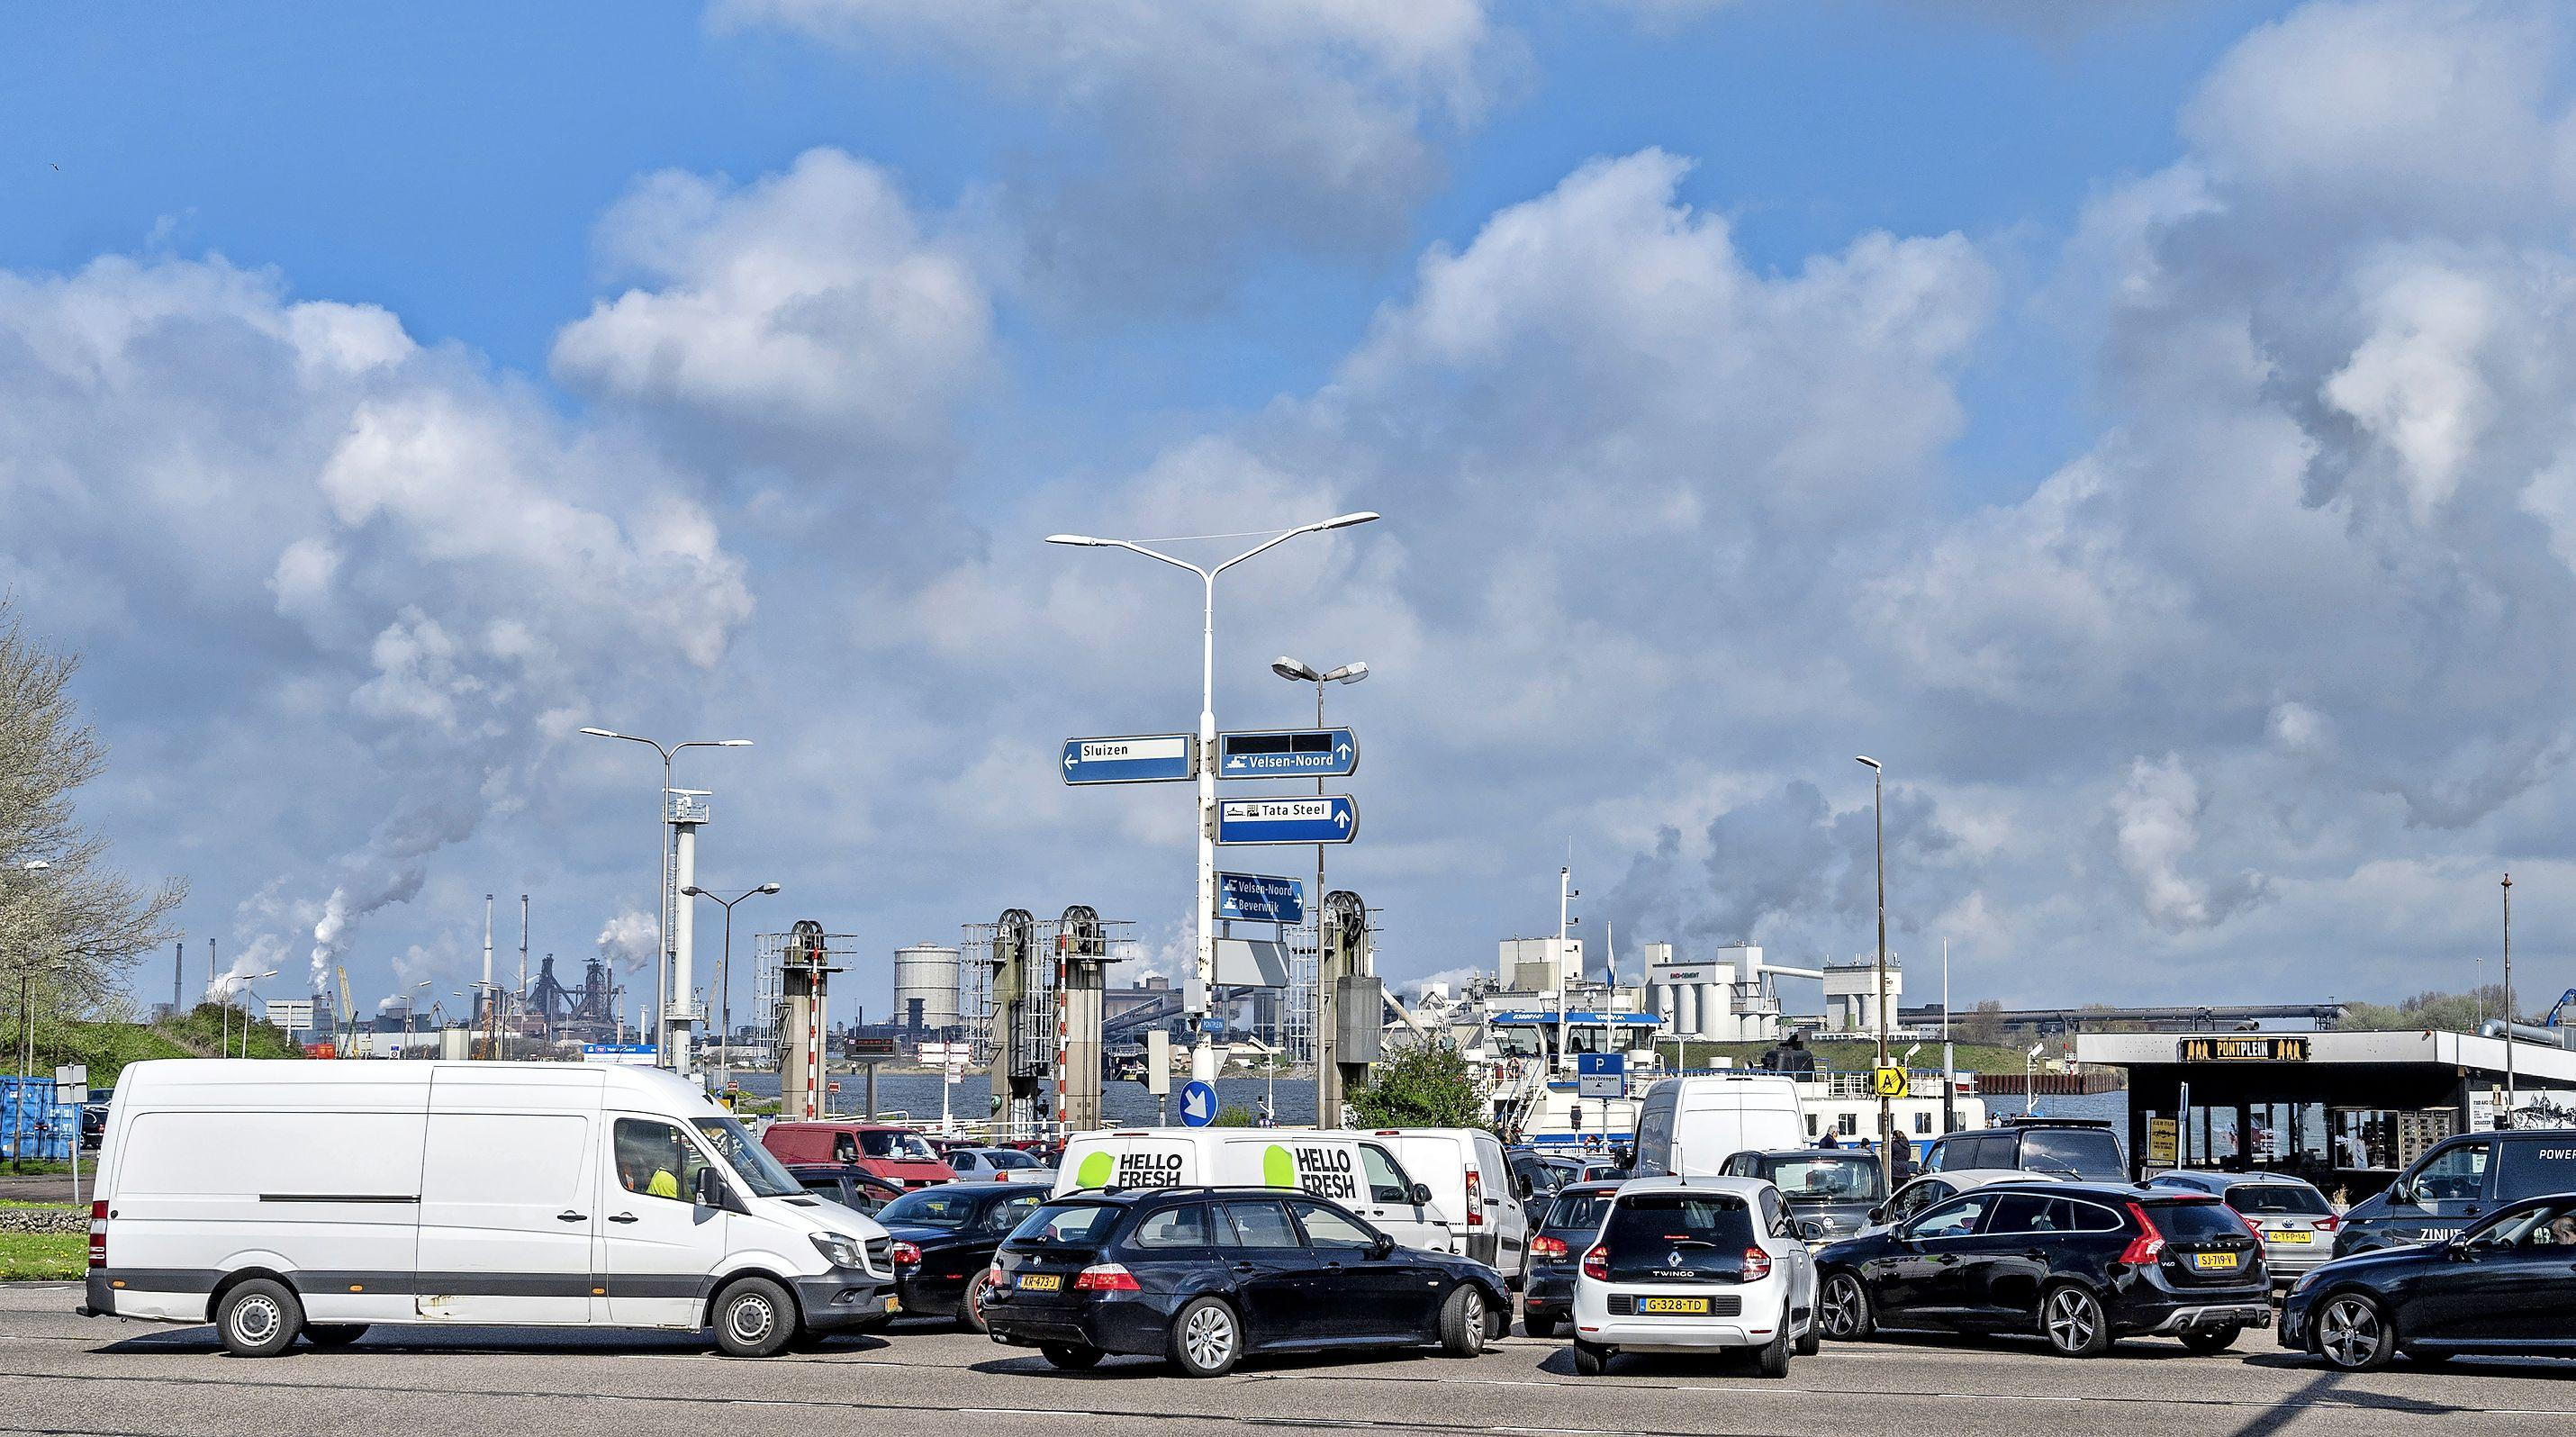 Dit weekeinde is de Velsertunnel weer dicht, om de omleidingen inzichtelijk te maken komt Rijkswaterstaat met een kaartje: 'Omleiding was niet duidelijk genoeg'